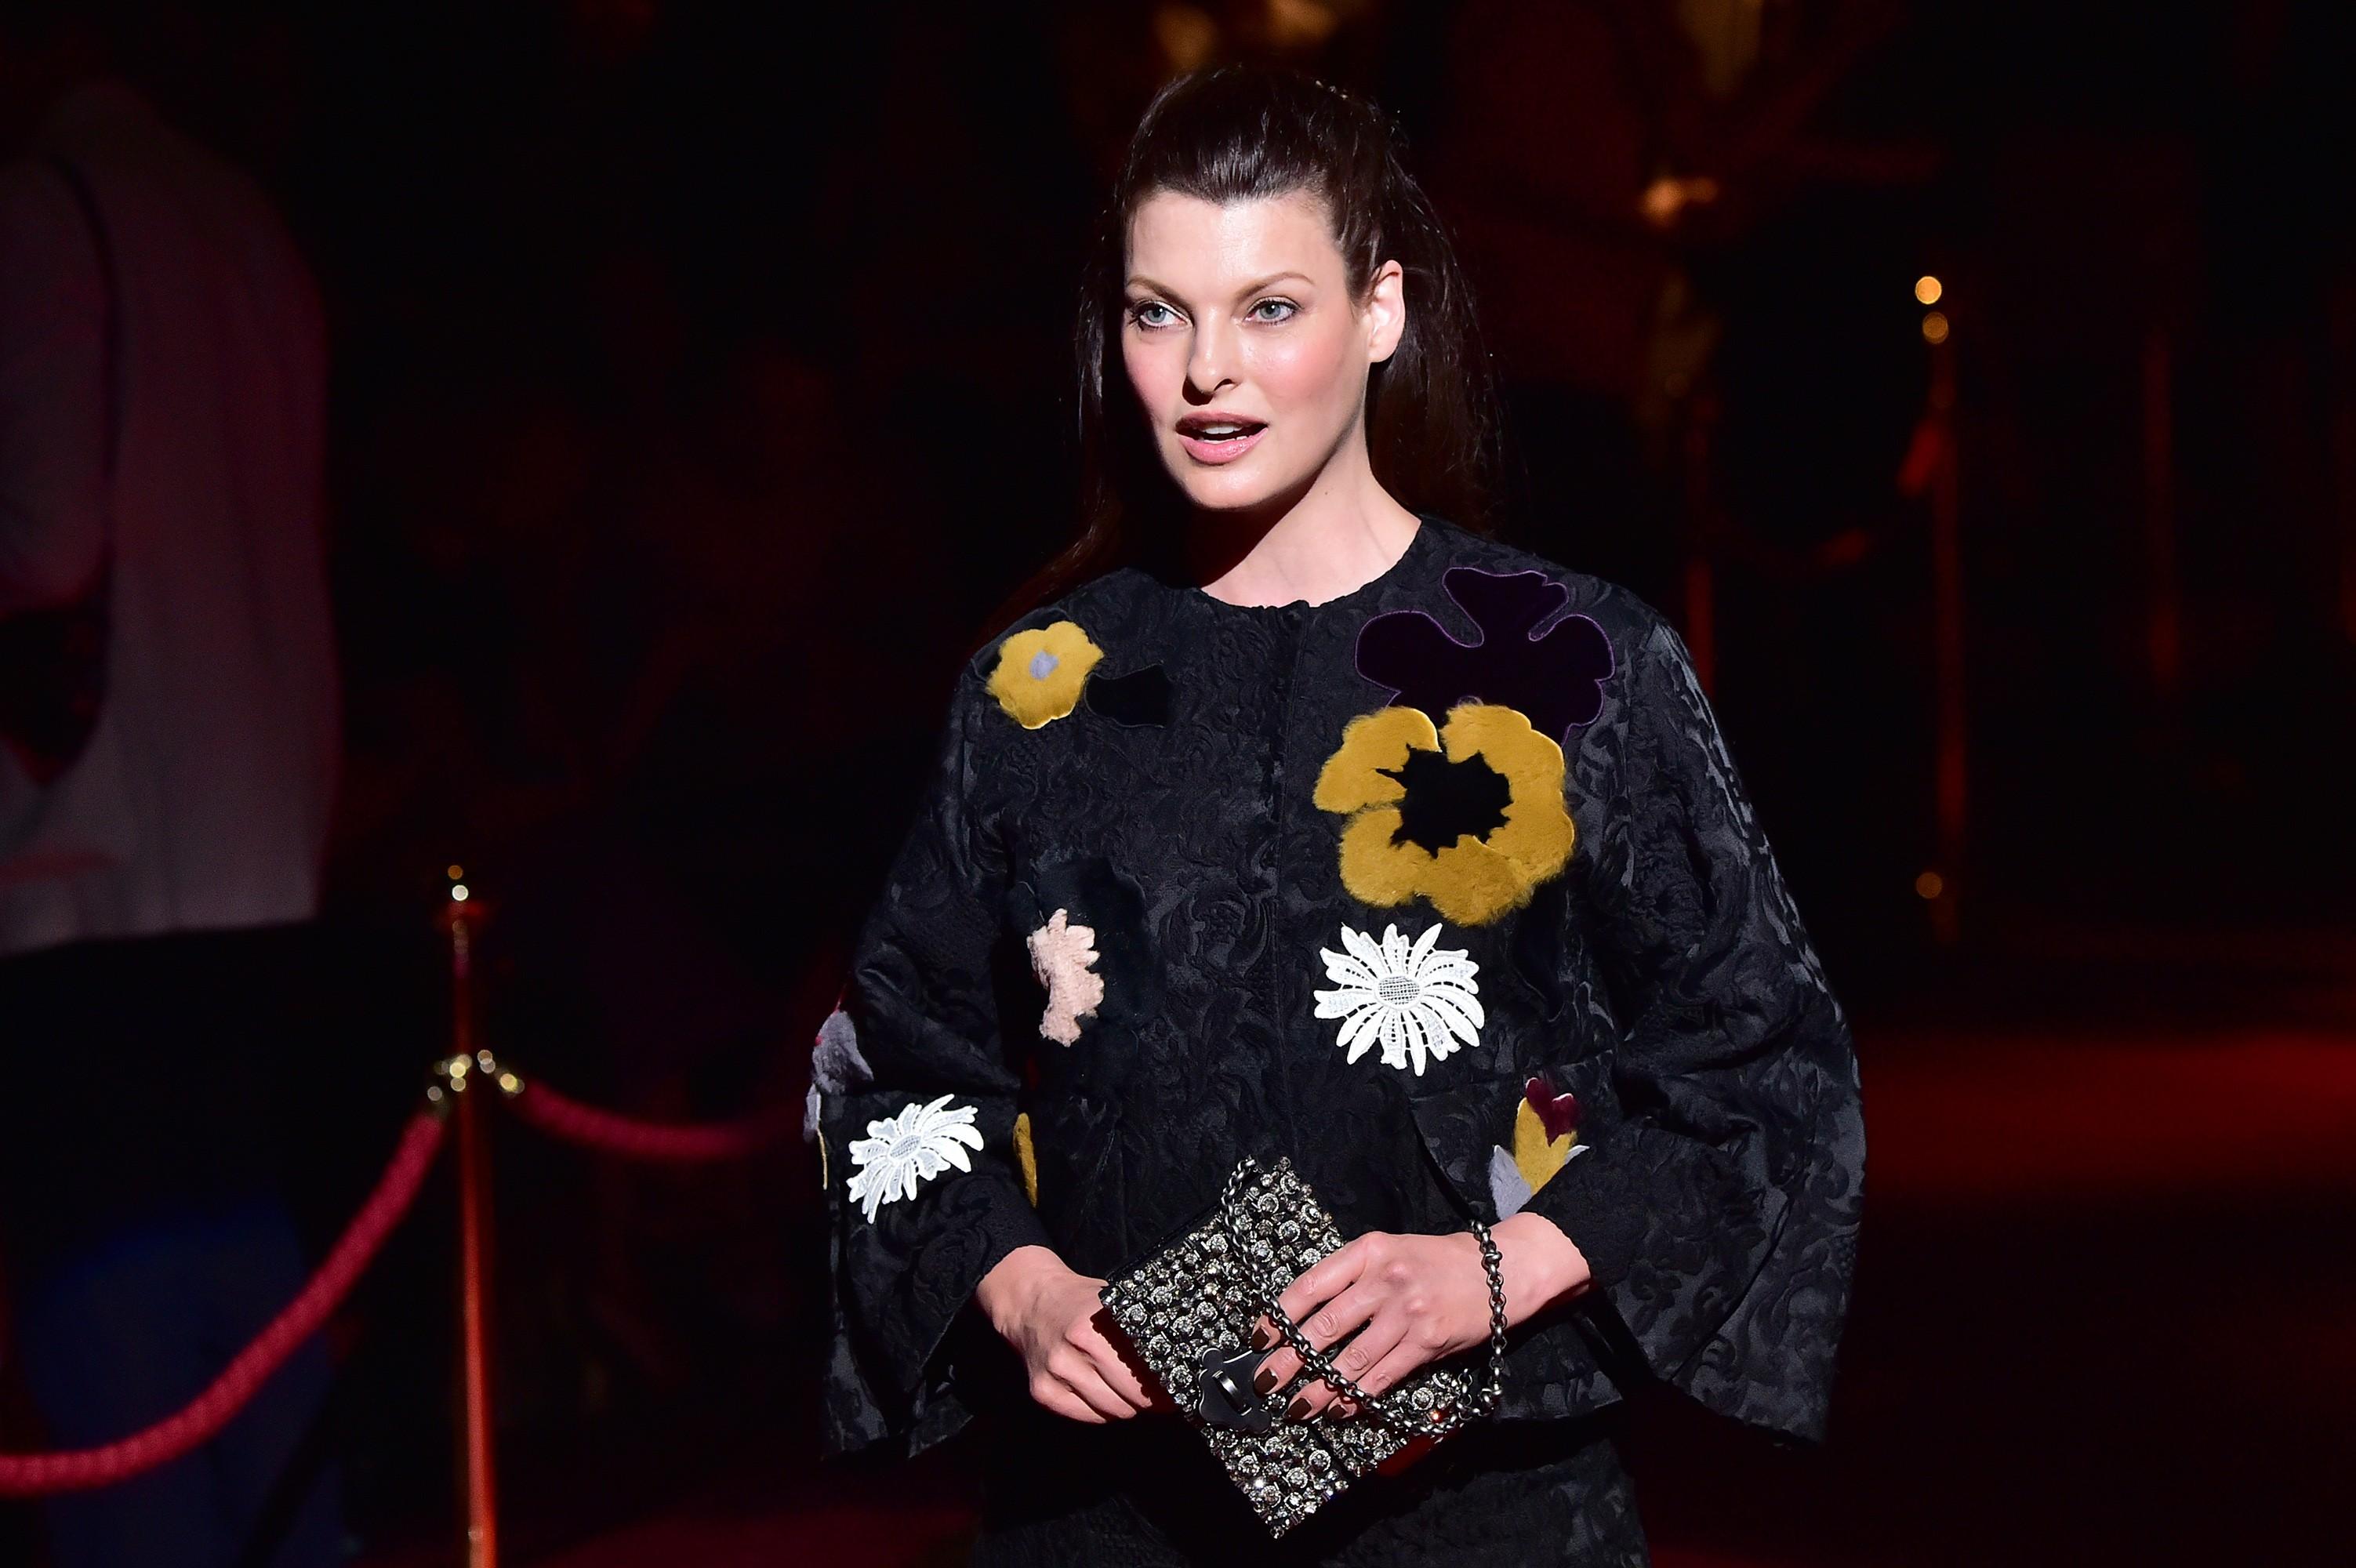 Ex-modelo Linda Evangelista diz que procedimento estético a deixou 'deformada'